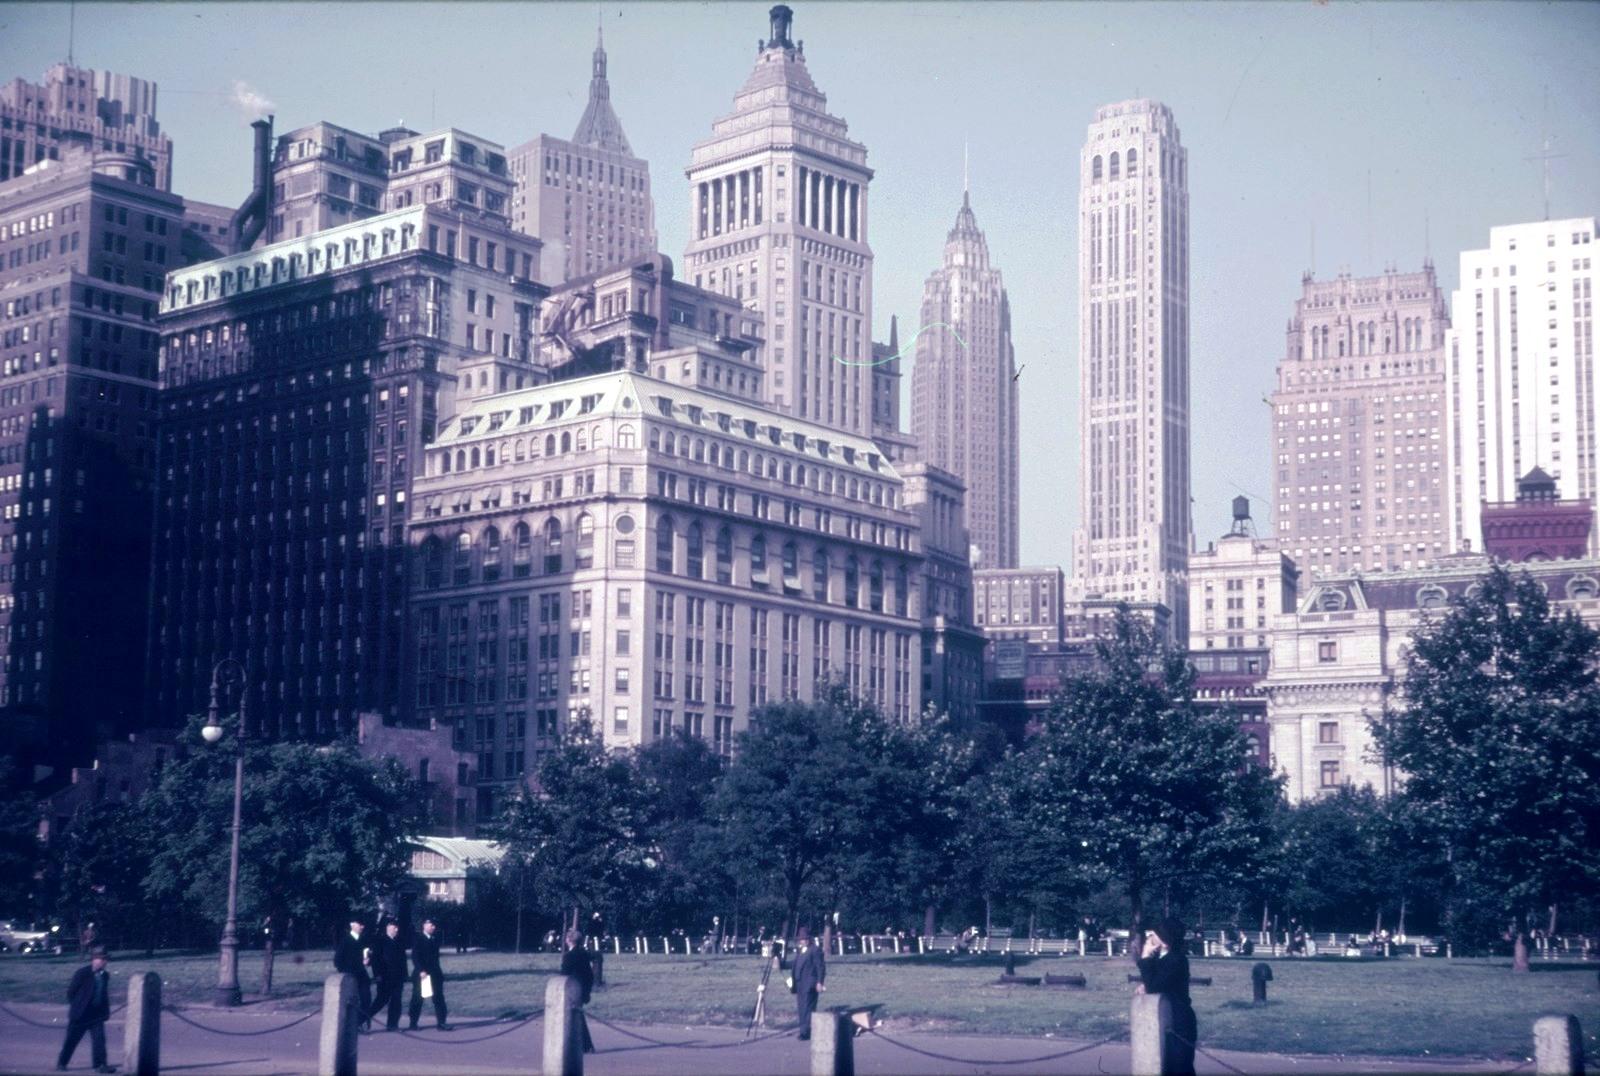 Нью-Йорк. Манхэттен. Центральный парк. Вид на небоскребы